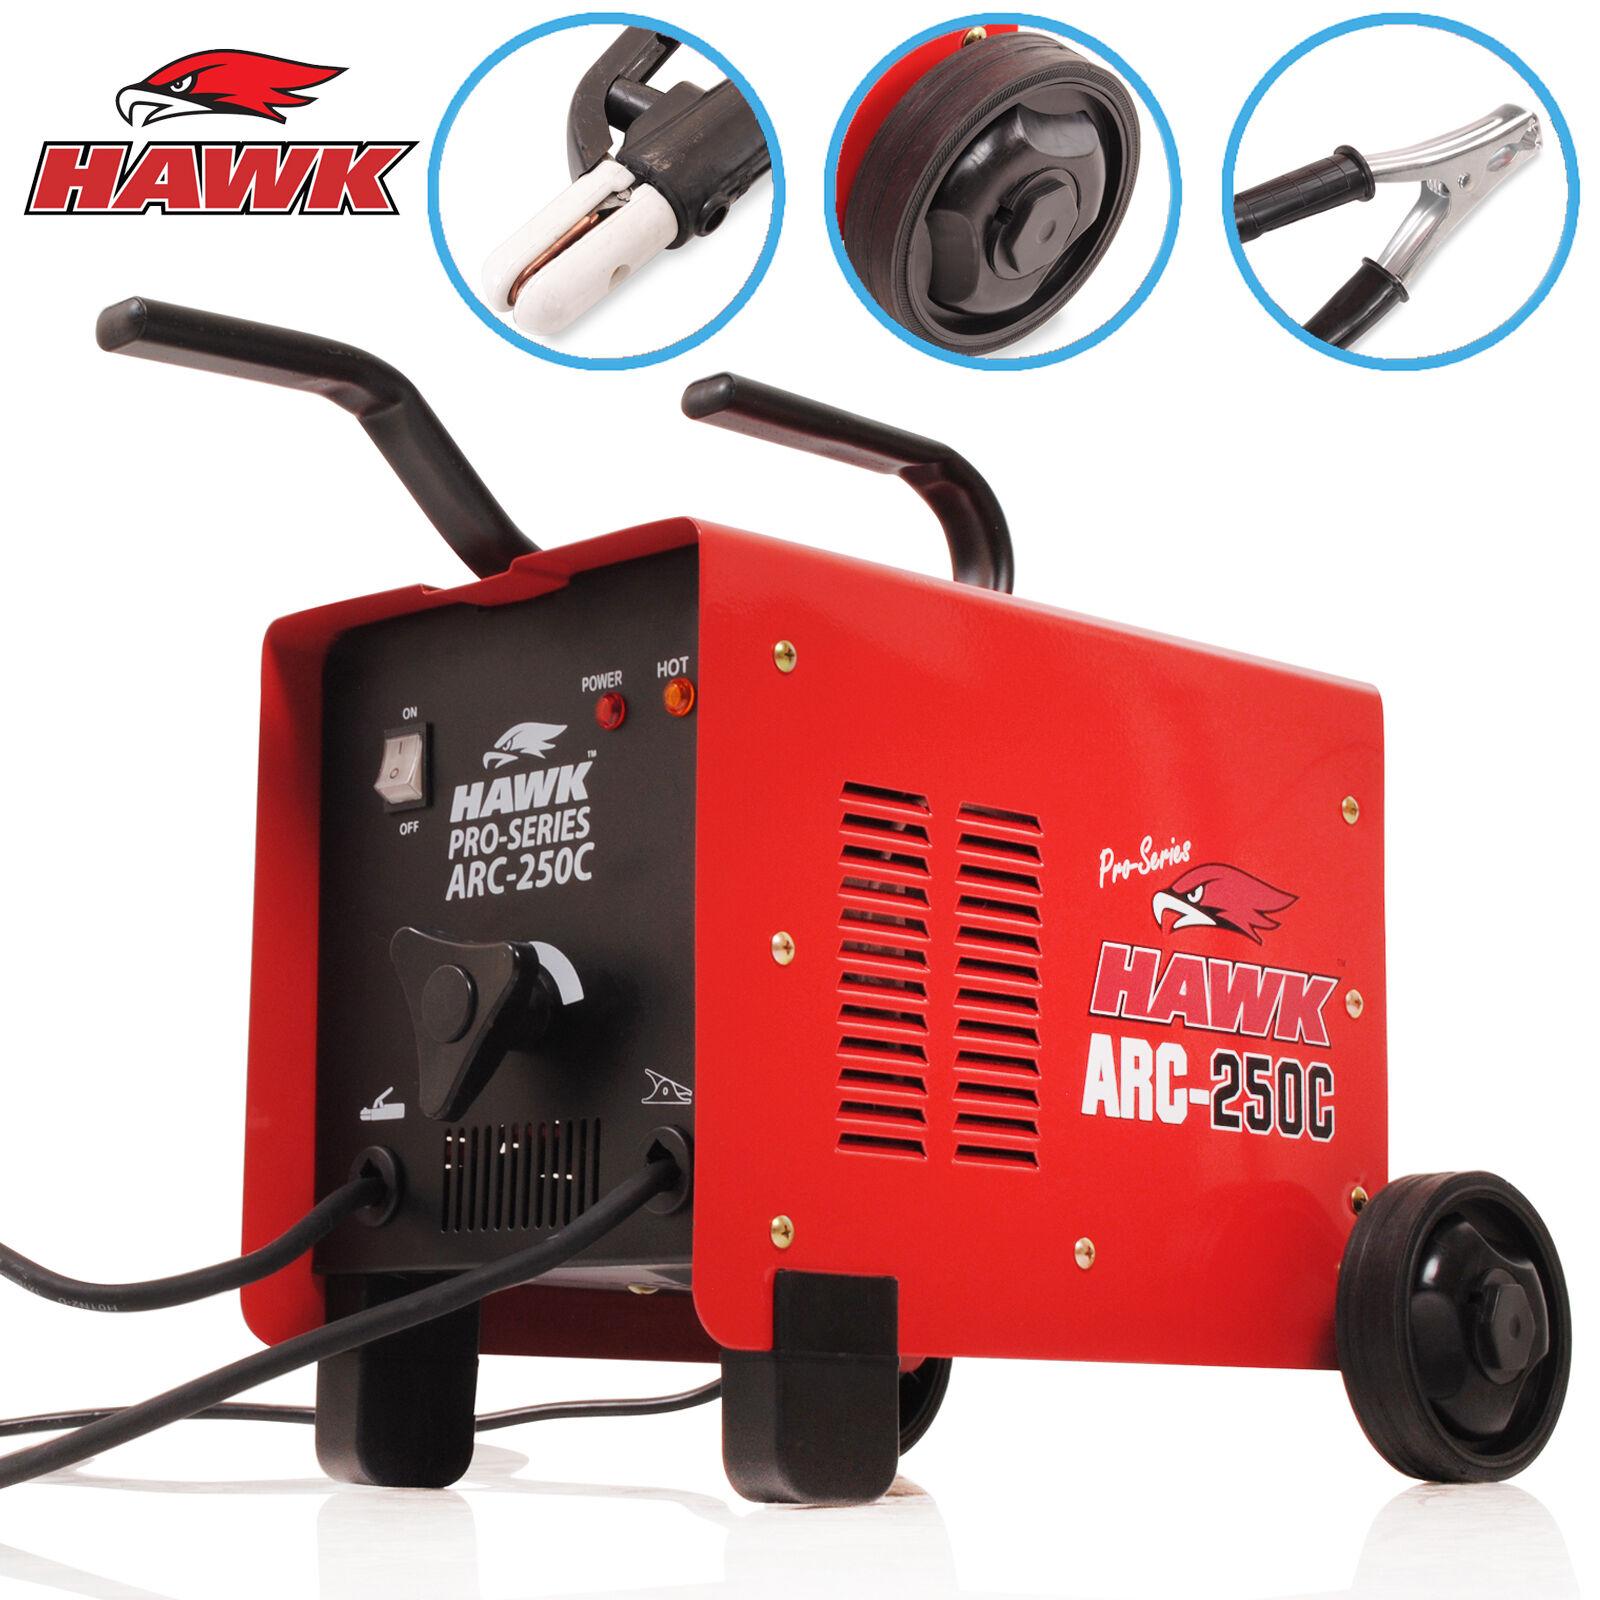 Hawk Tools 250 Amp Arc Mma Stick 230v Portable Weld